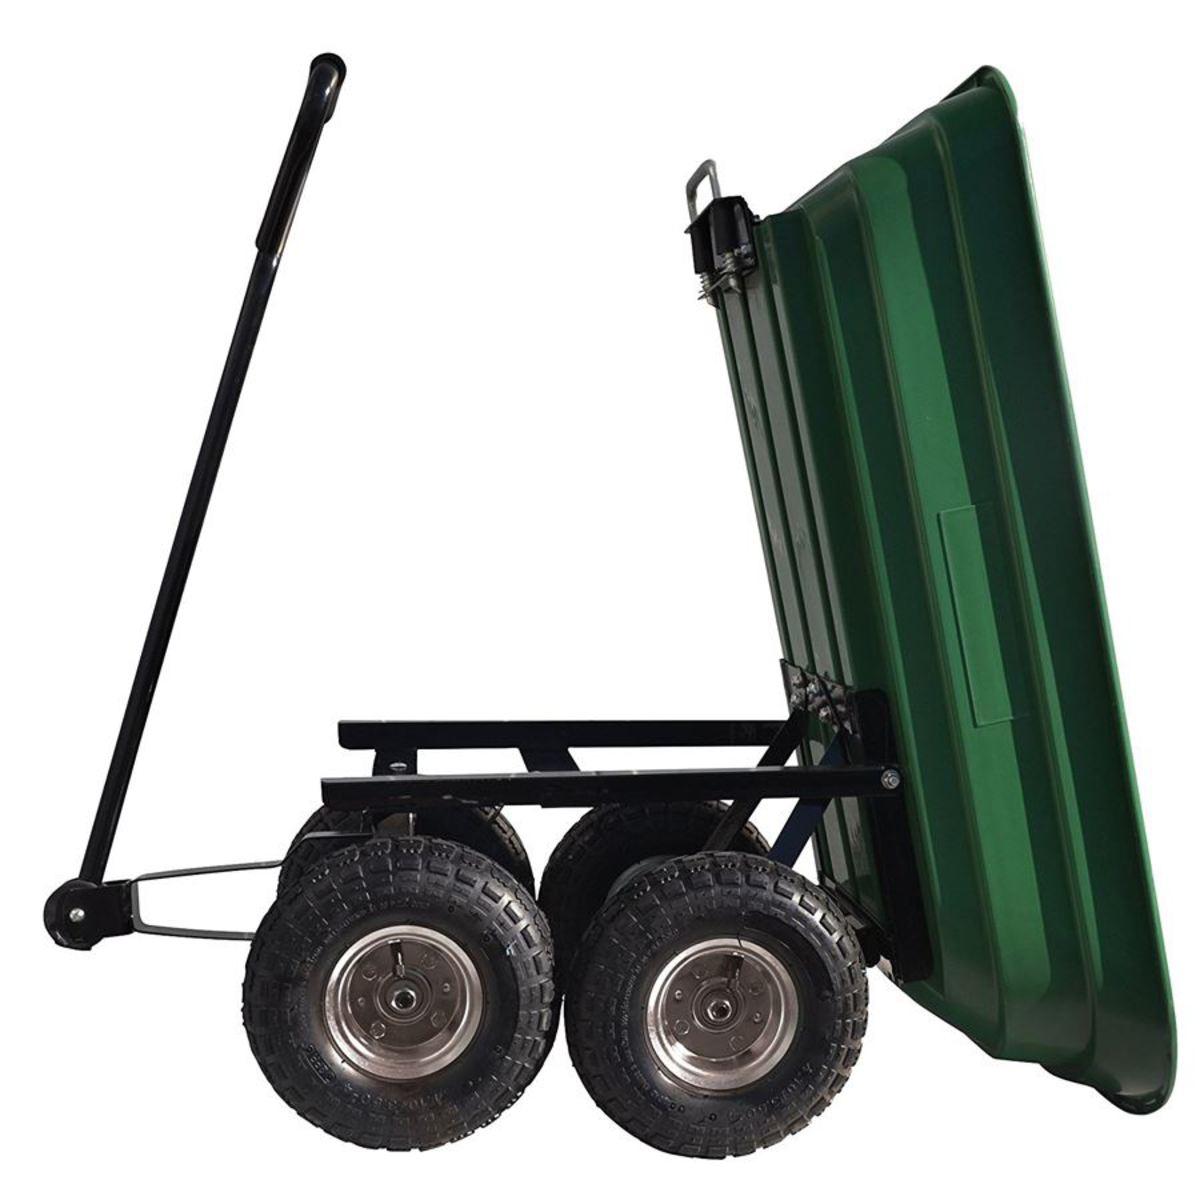 Bild 2 von Güde Gartenwagen GGW 250